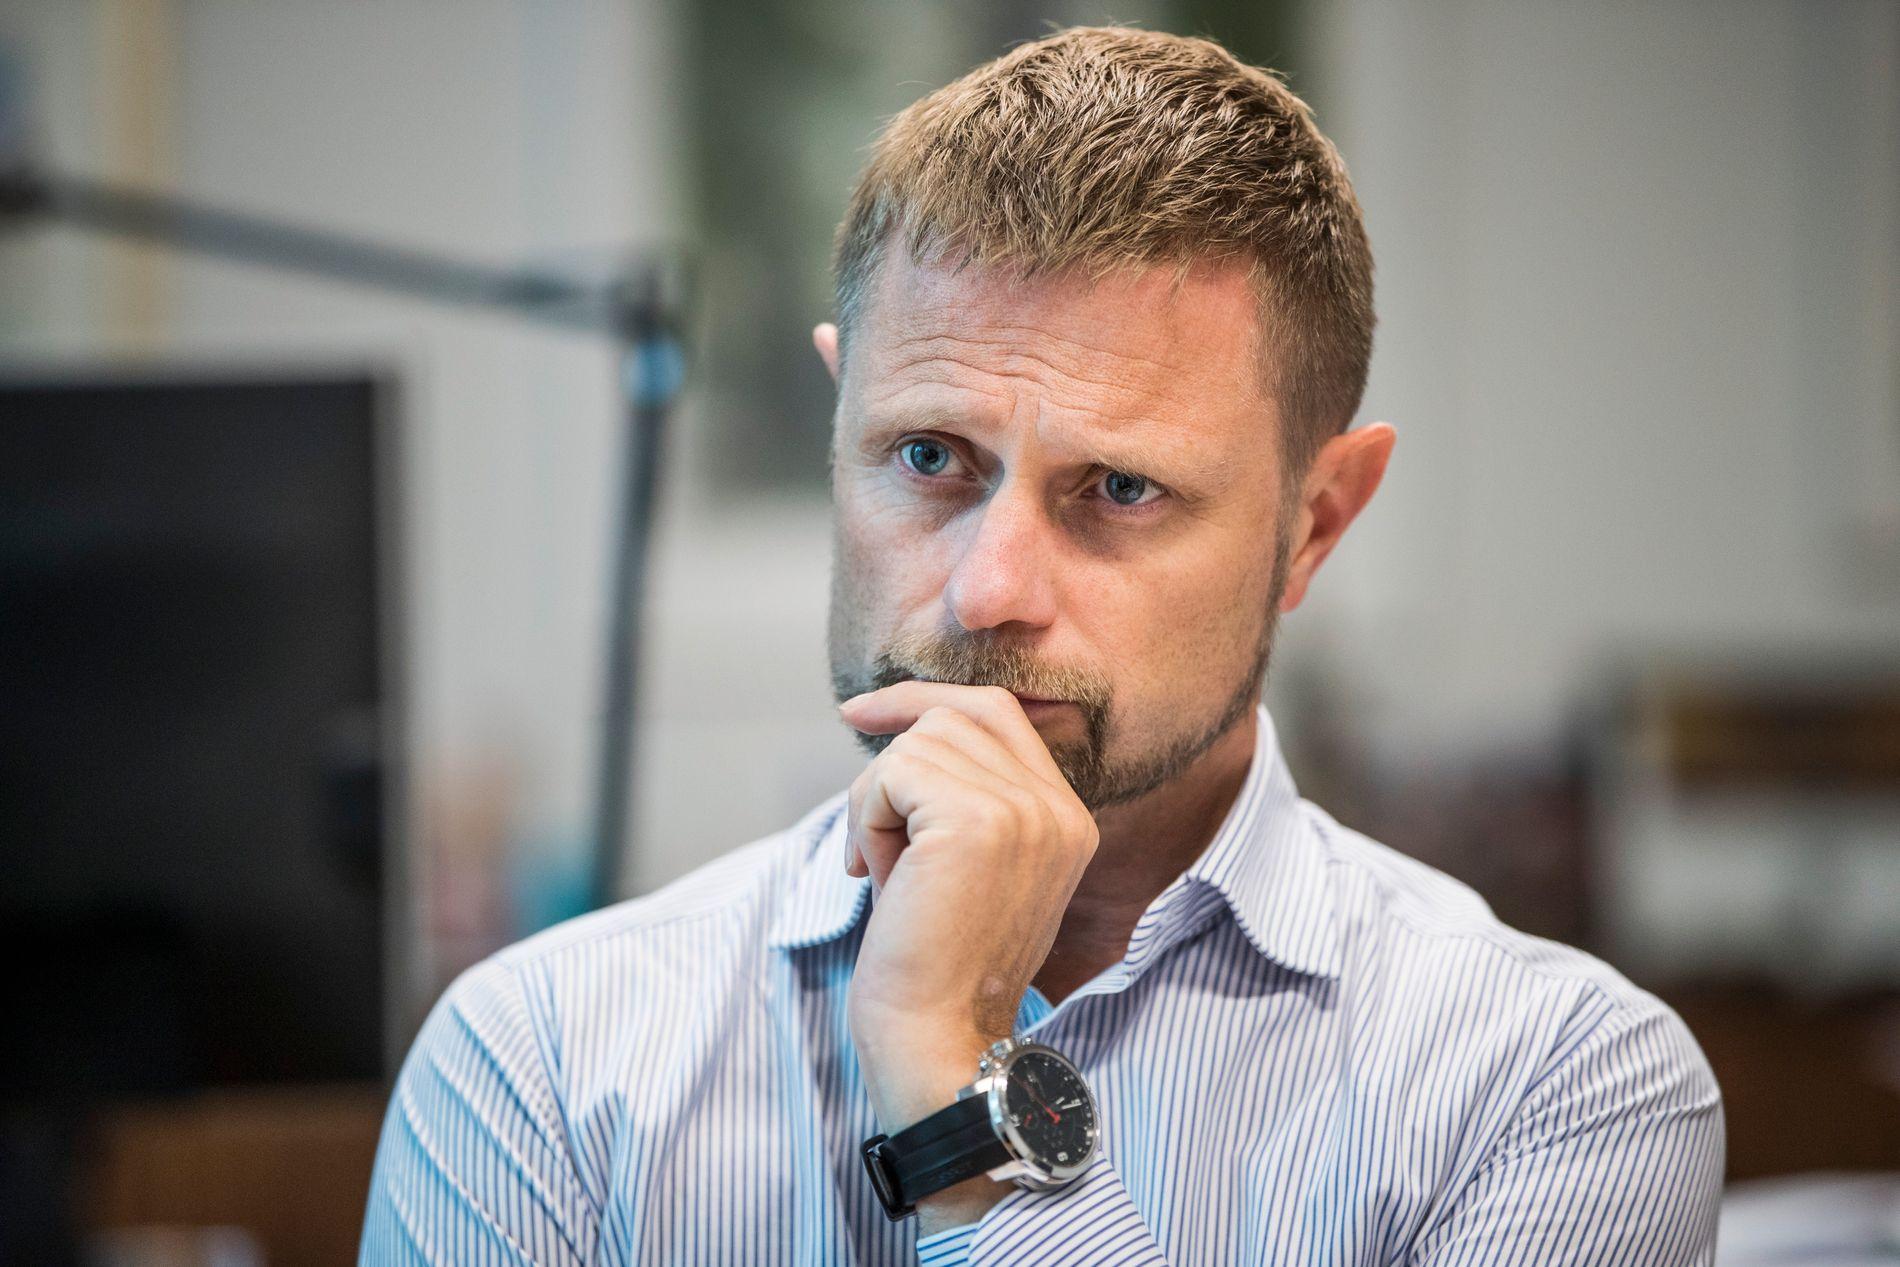 PROVOSERT: Helseminister Bent Høie (H) er provosert etter VGs predikant-avsløringer, og sier han vil se på lovverket med nye øyne.